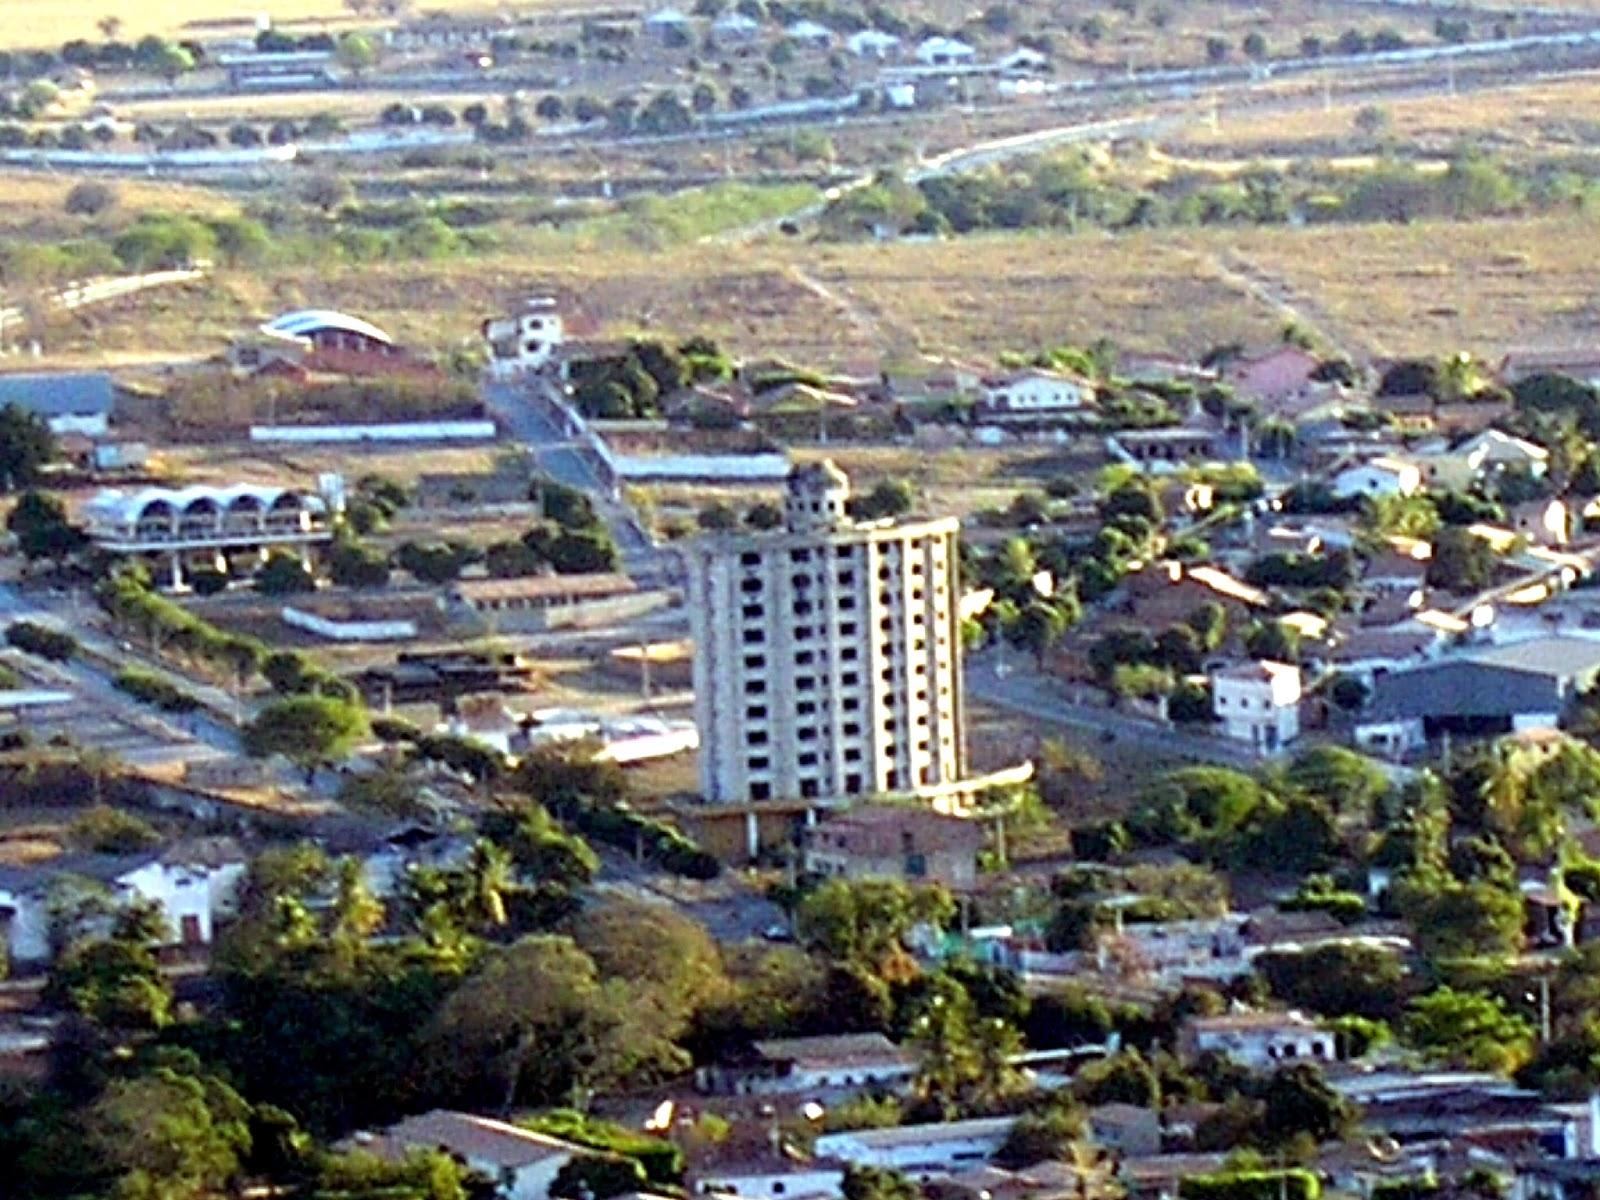 Porteirinha Minas Gerais fonte: 4.bp.blogspot.com